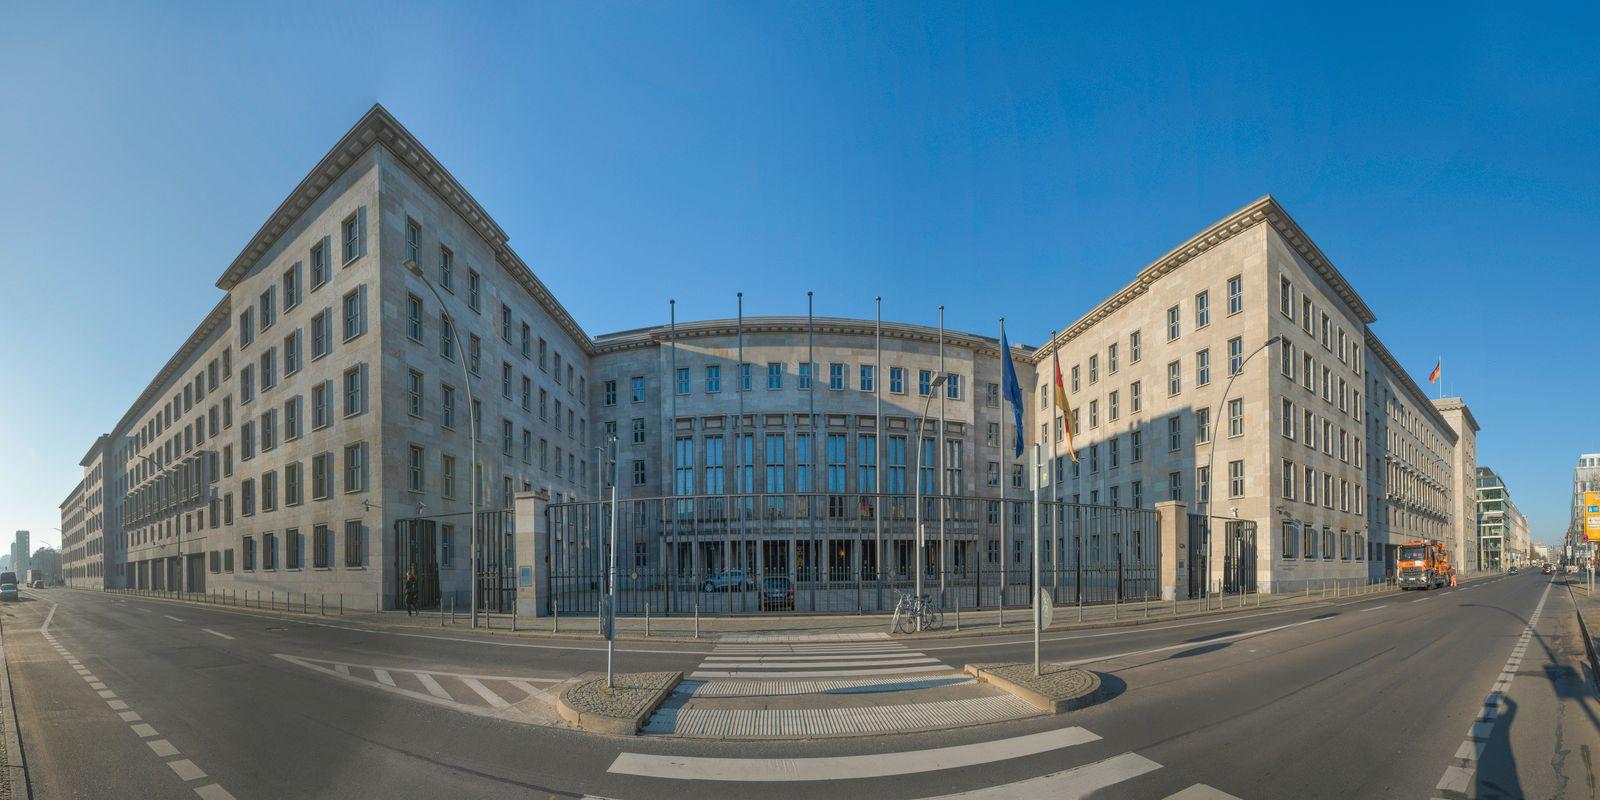 Bundesministerium der Finanzen, Wilhelmstraße, Mitte, Berlin, Deutschland *** Federal Ministry of Finance, Wilhelmstraß